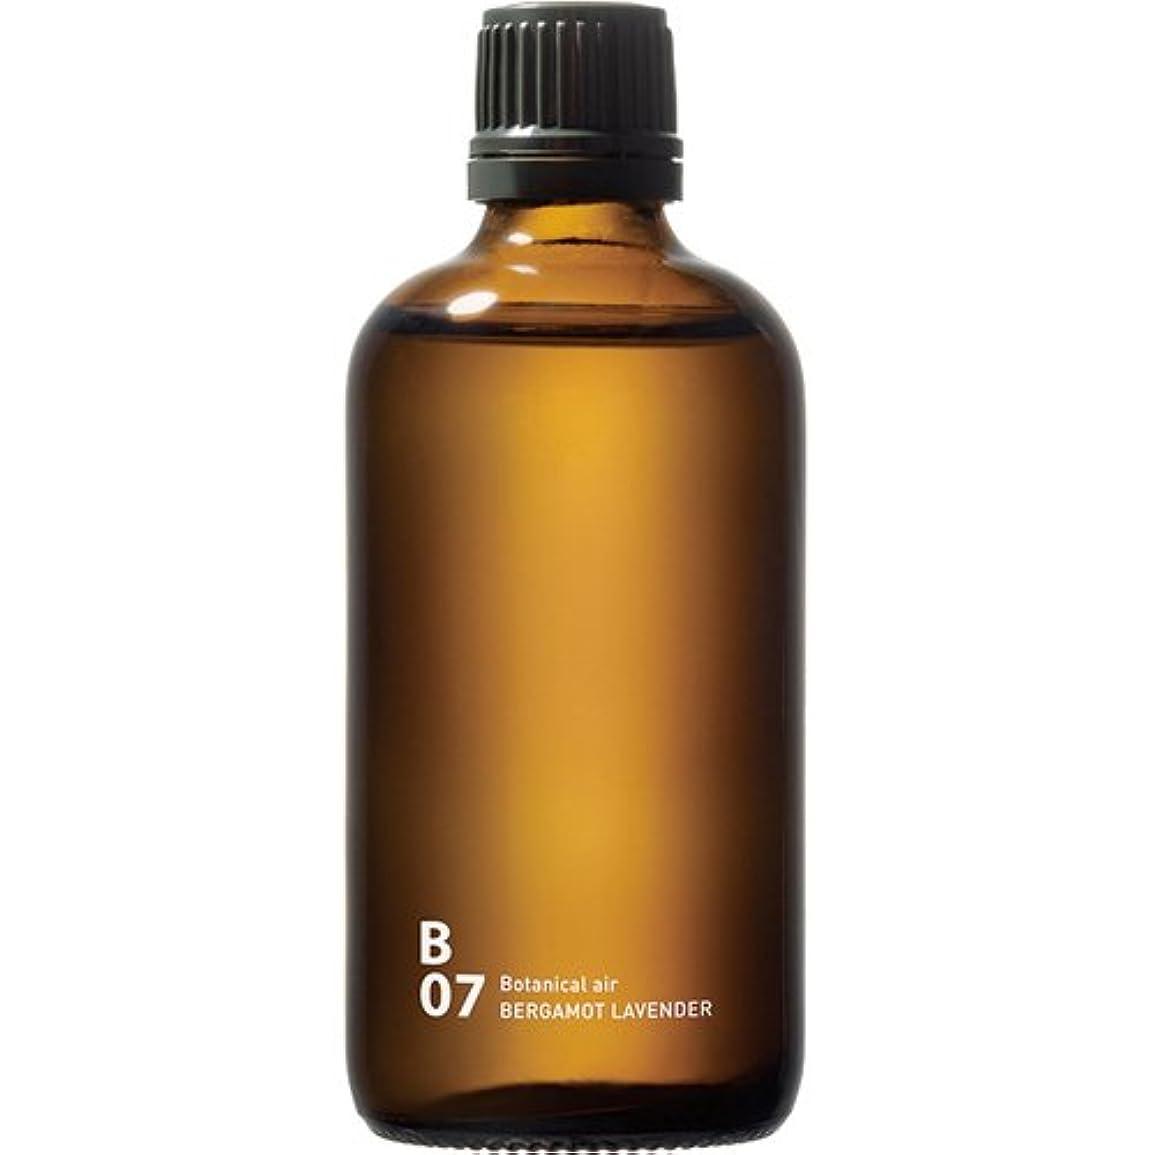 リットルハチ姿を消すB07 BERGAMOT LAVENDER piezo aroma oil 100ml